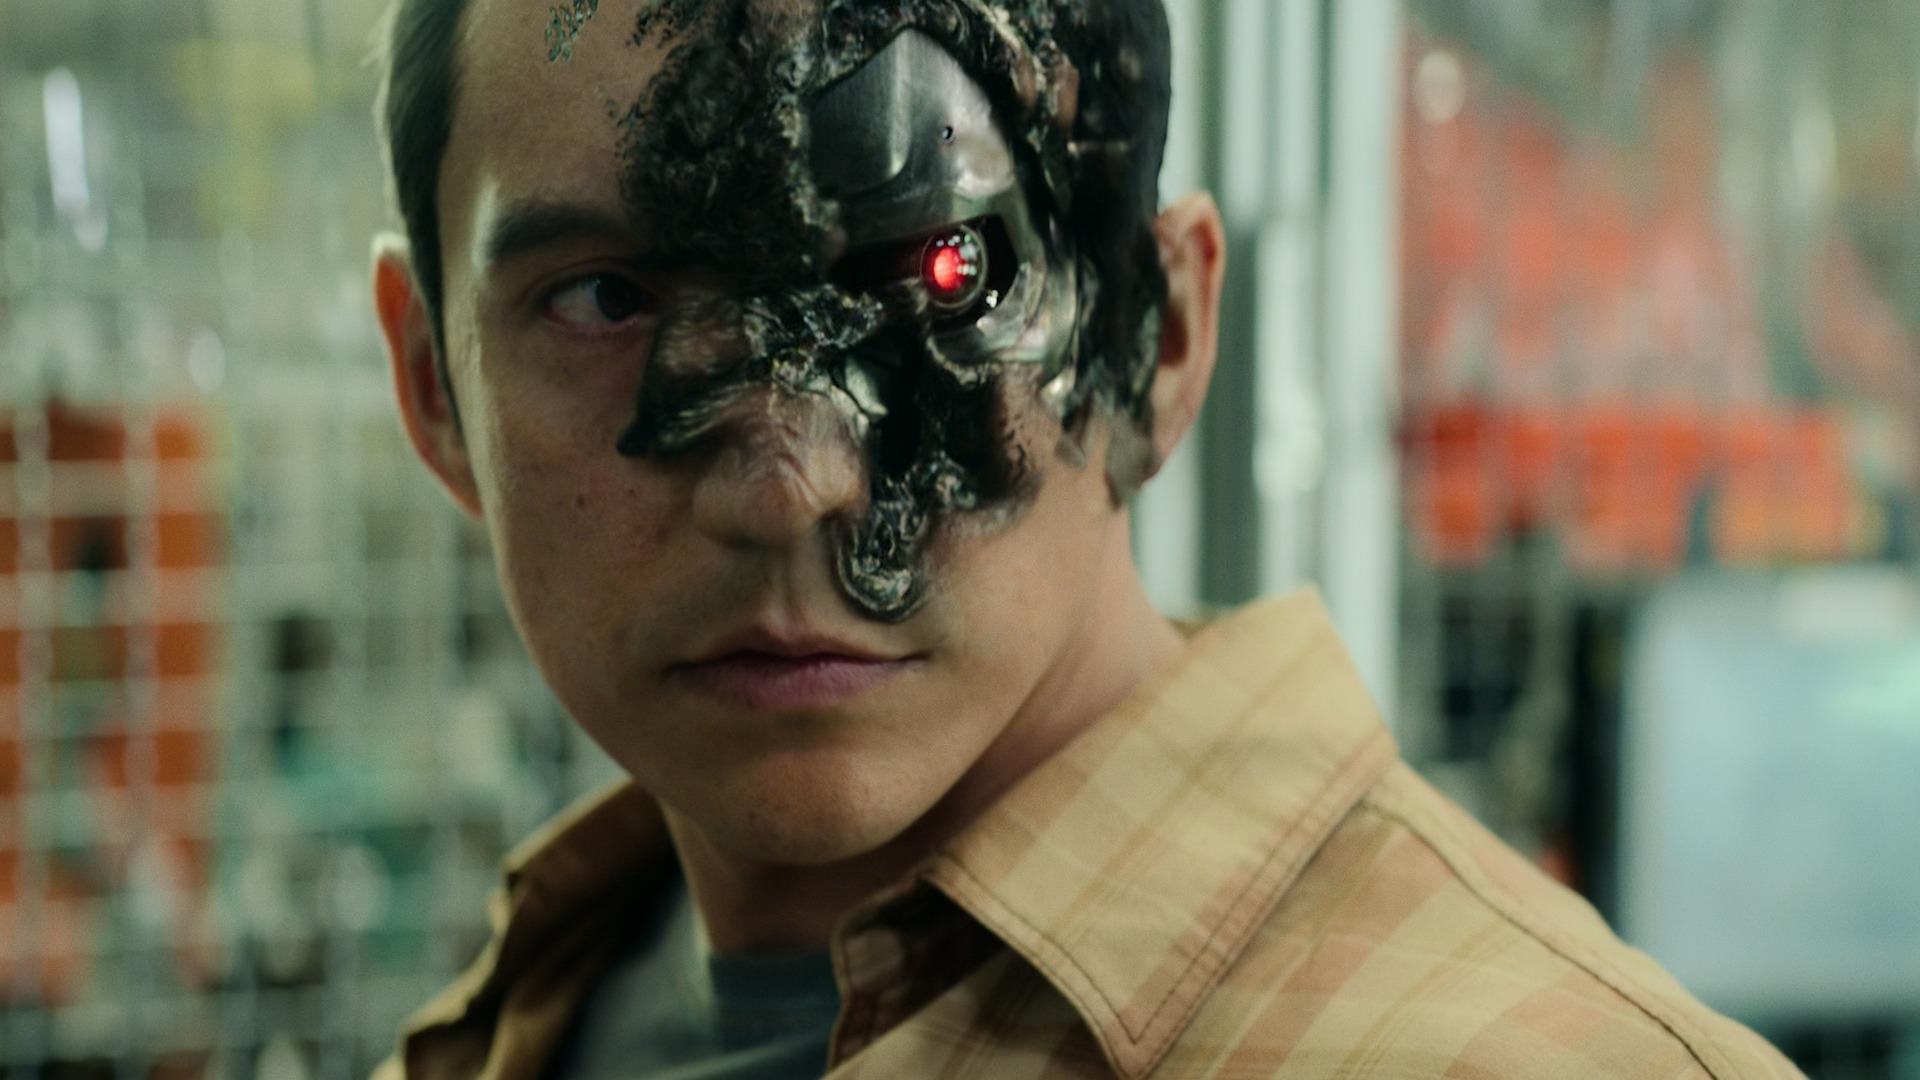 #电影迷的修养#《终结者:黑暗命运》4K超高清60帧视频剪辑欣赏